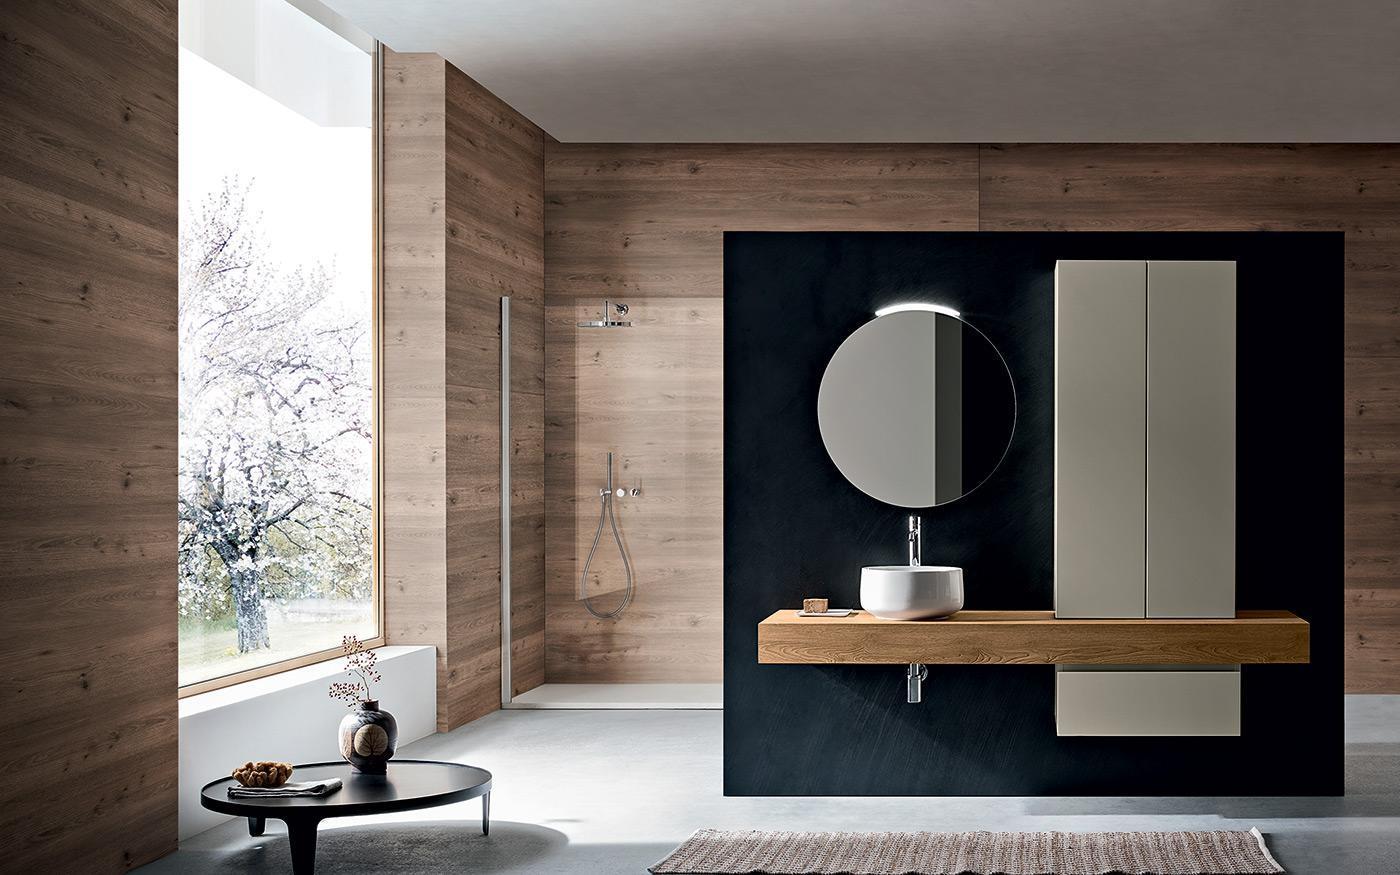 Bagno di tendenza ambienti da copiare cose di casa